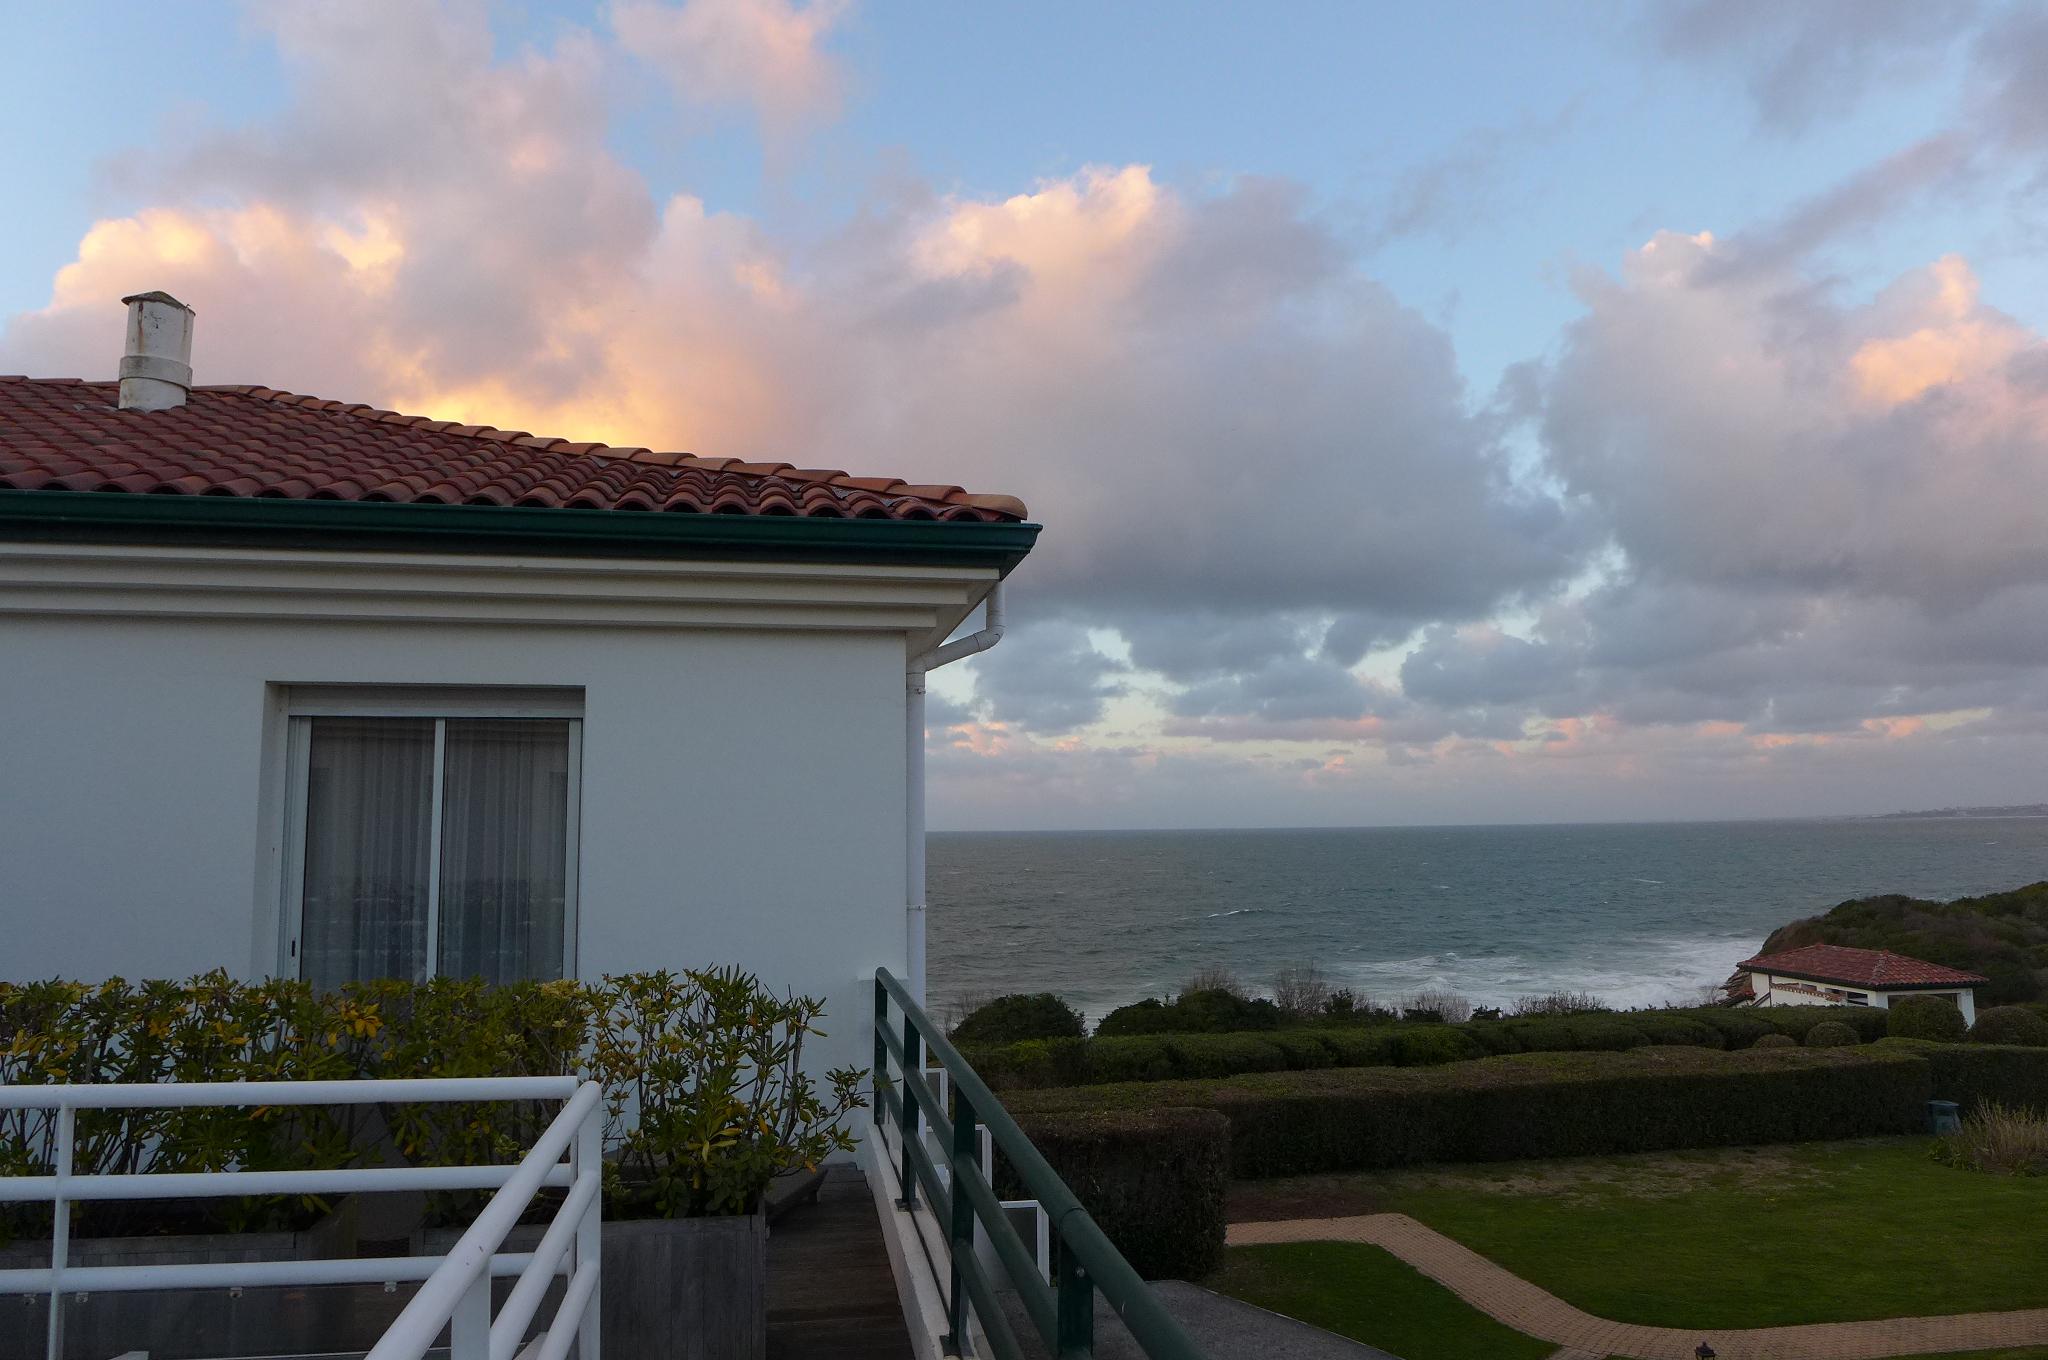 Vue sur la mer depuis une terrasse for Vue sur terrasse